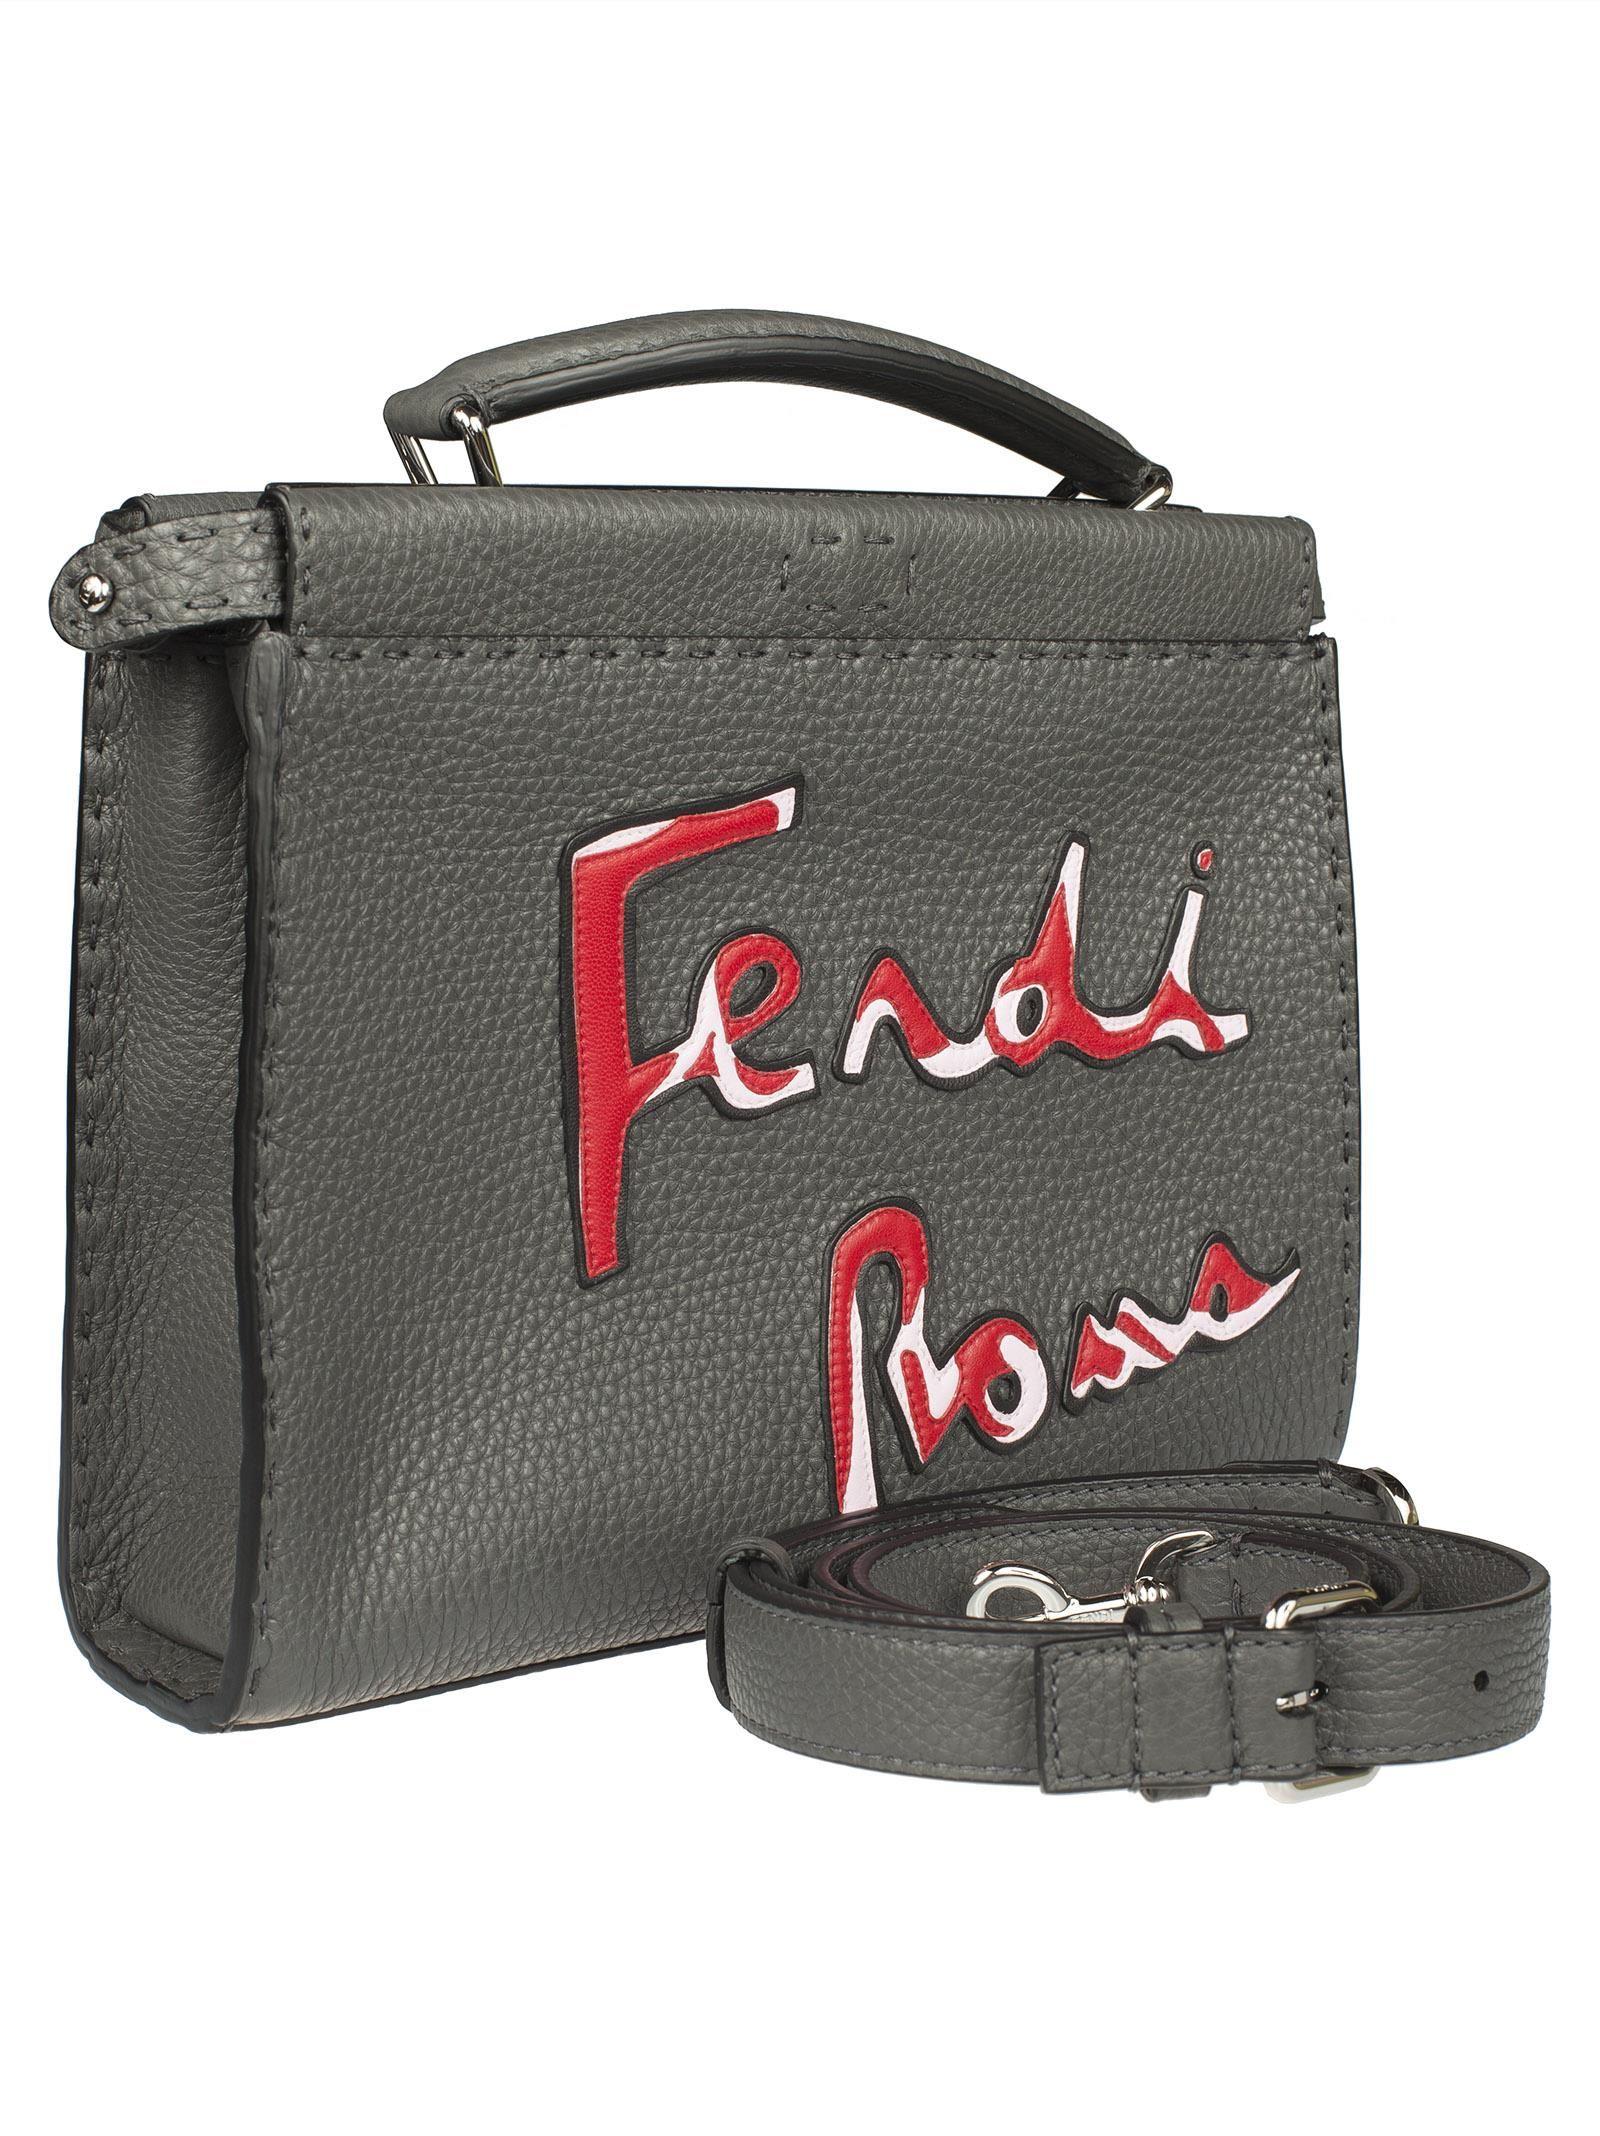 Fendi Logo Imprimé Fourre-tout - Gris Magasin Discount EAPRu60dEm